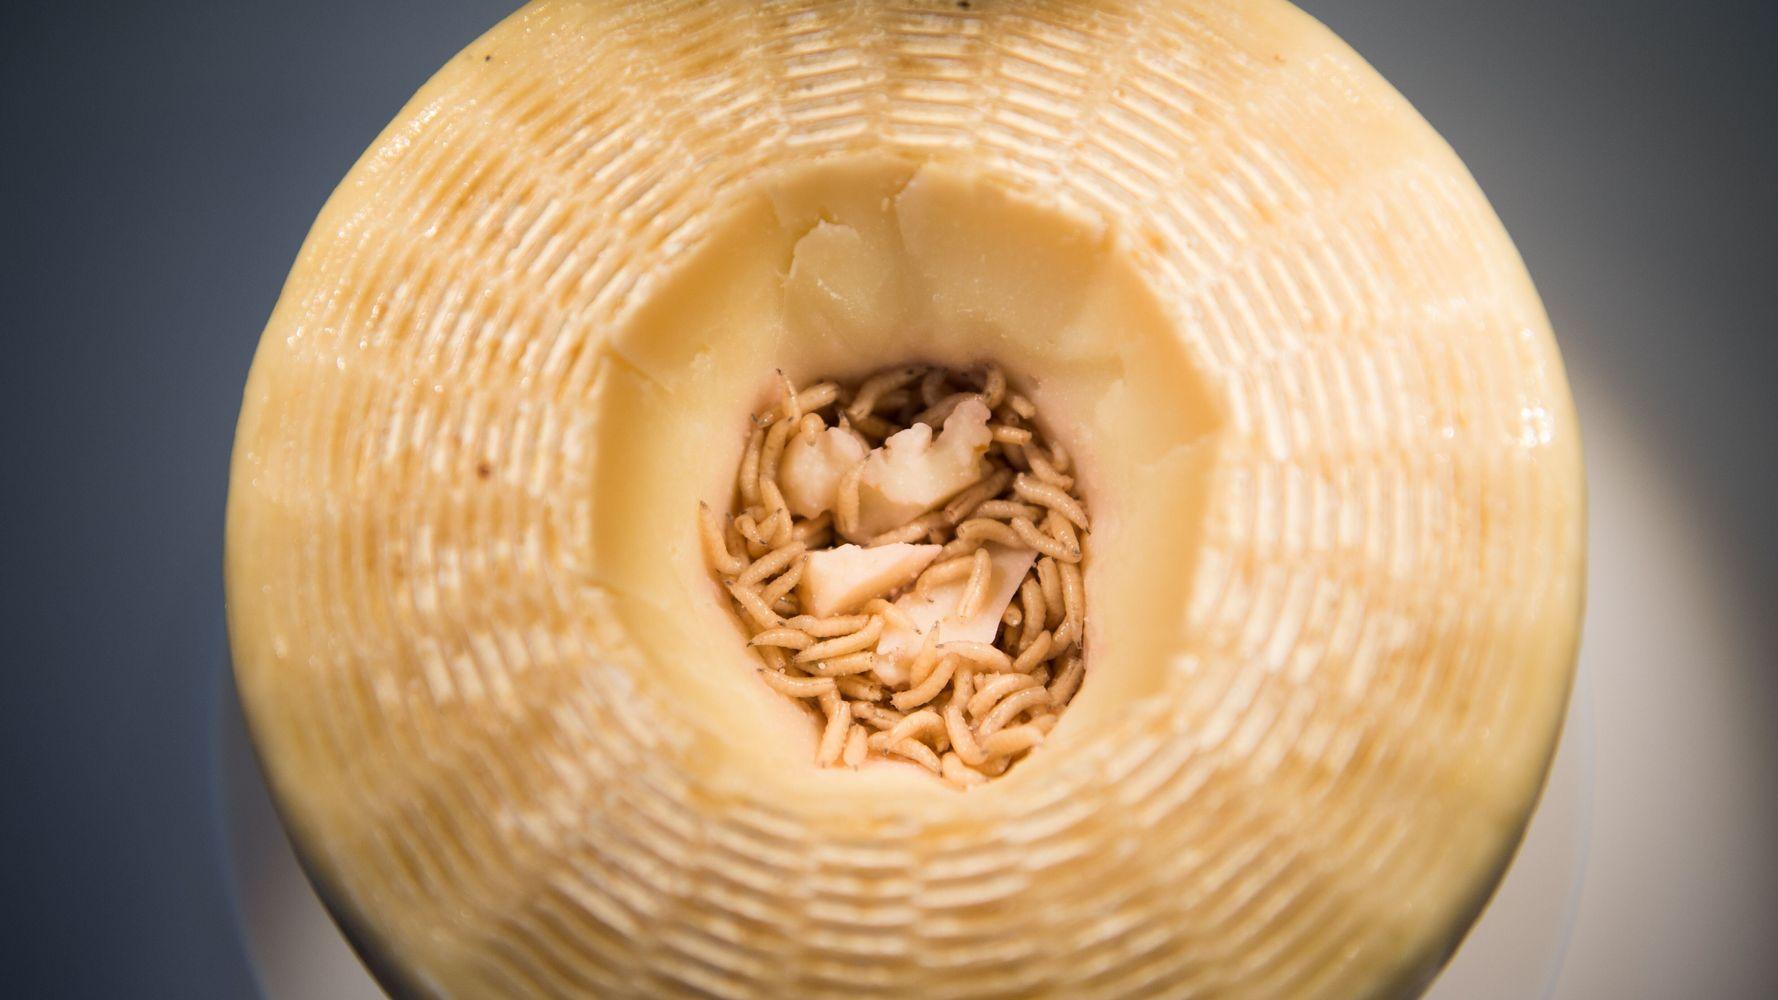 Le fromage avec des vers vivants, certains en raffolent